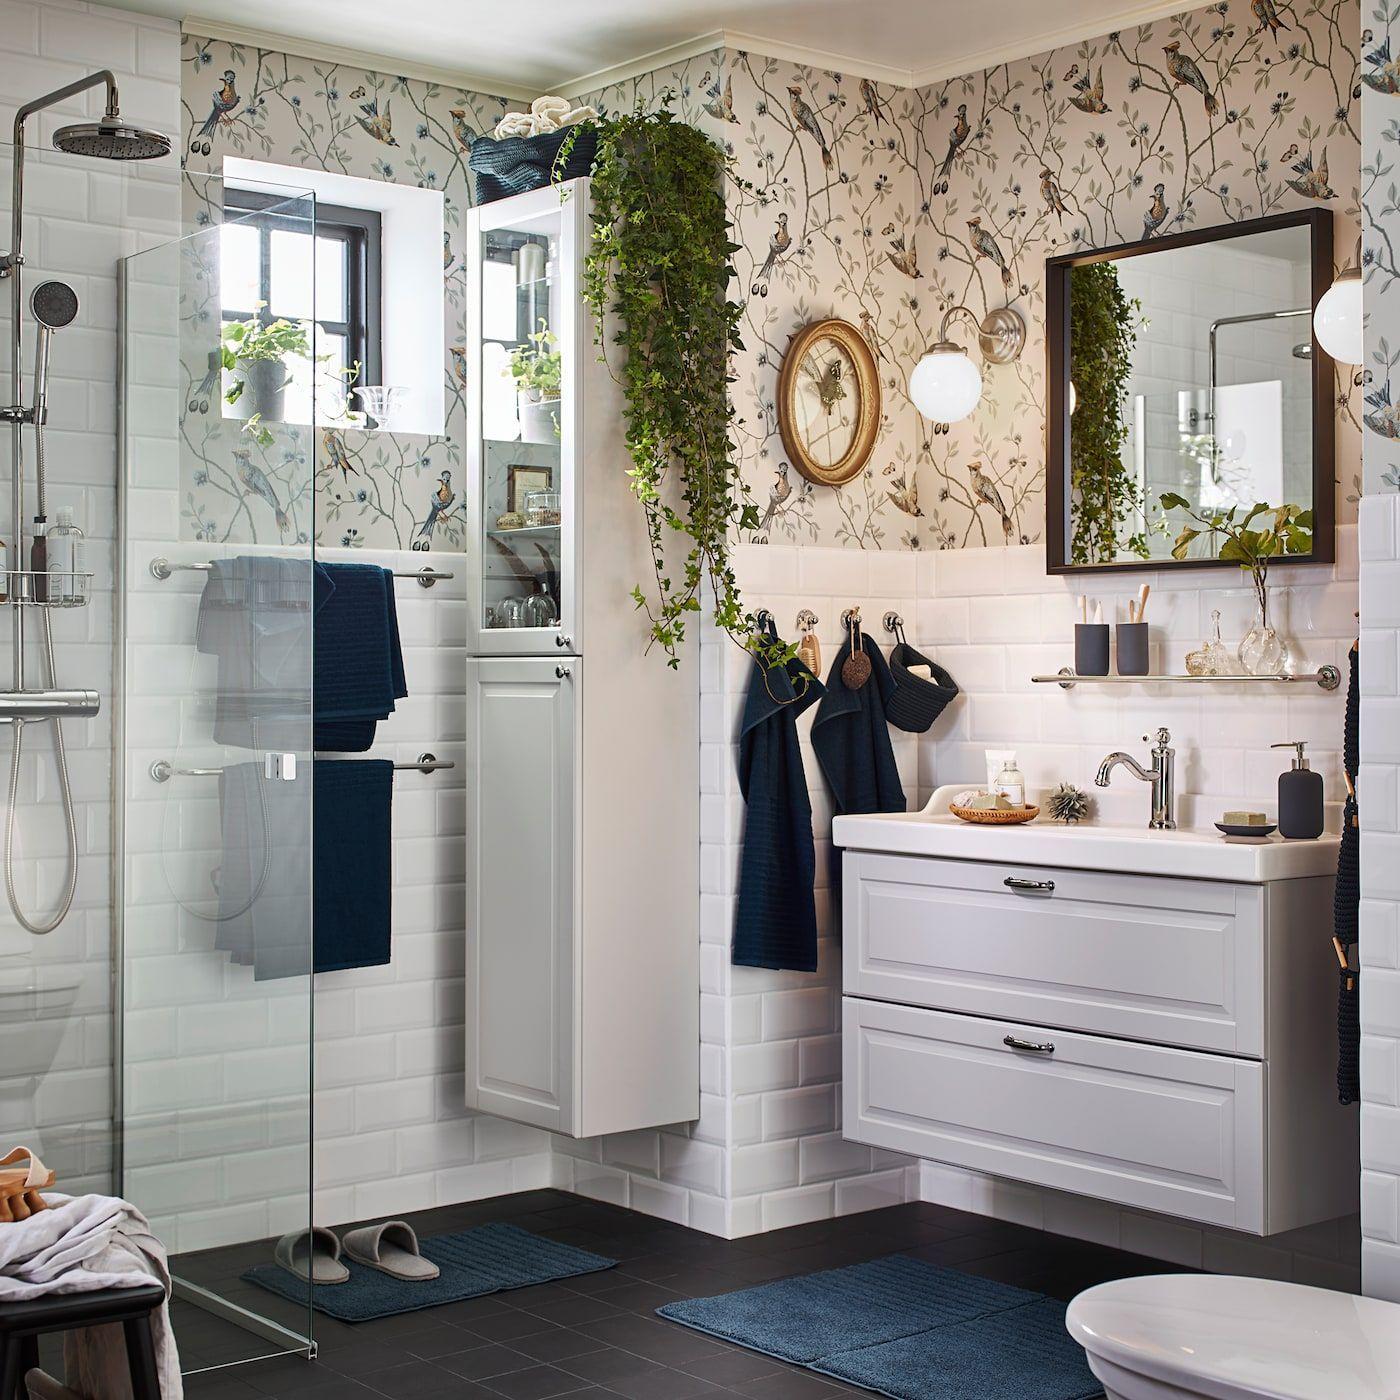 Ikea Godmorgon Tolken Horvik Waschbeckenschr Aufsatzwaschb 45x32 Resjon Weiss Bambus Brogrund Mischbatte In 2020 Ikea Bad Lagerung Ikea Godmorgon Bambus Badezimmer